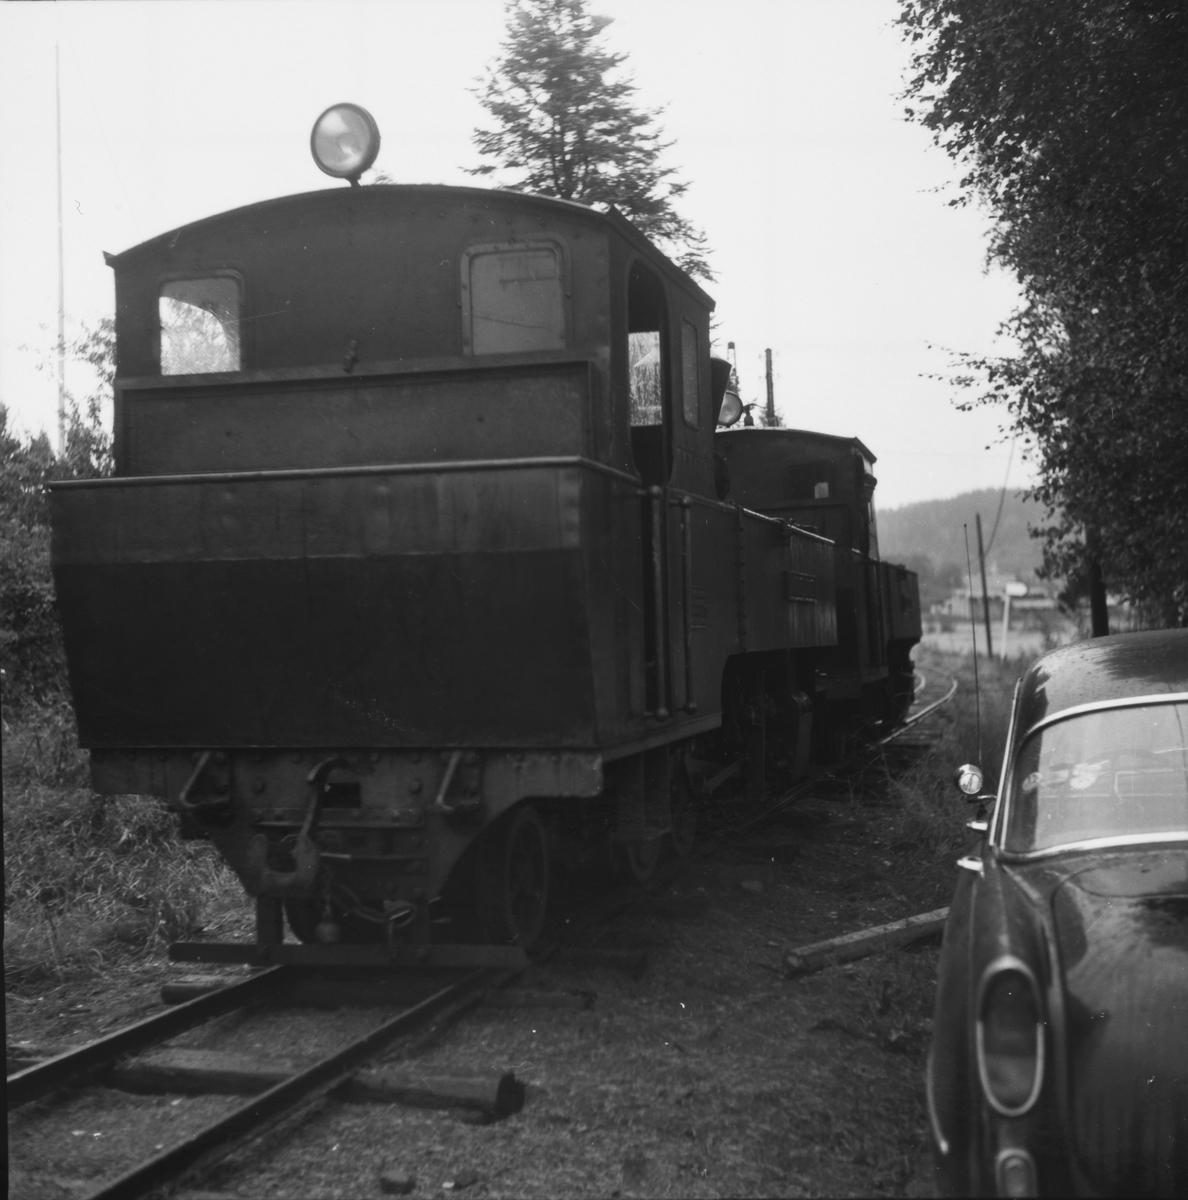 Materielltransport fra Bjørkelangen til Sørumsand etter nedleggelsen.